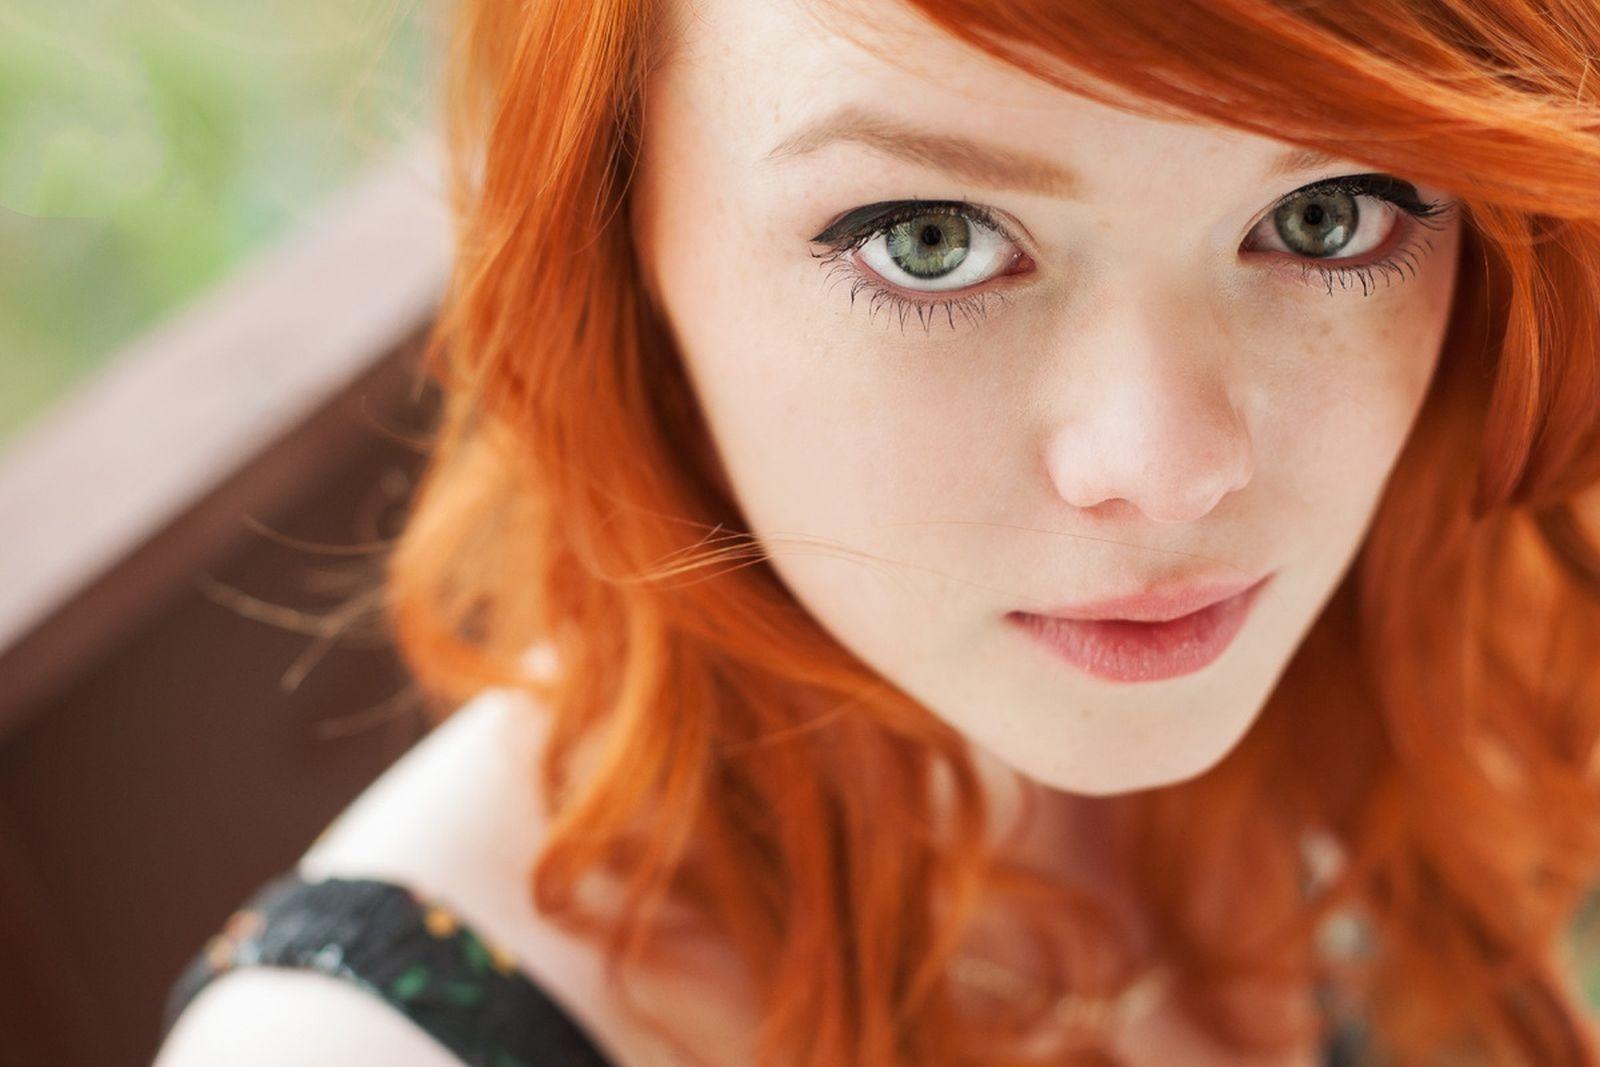 Non nude redhead girls